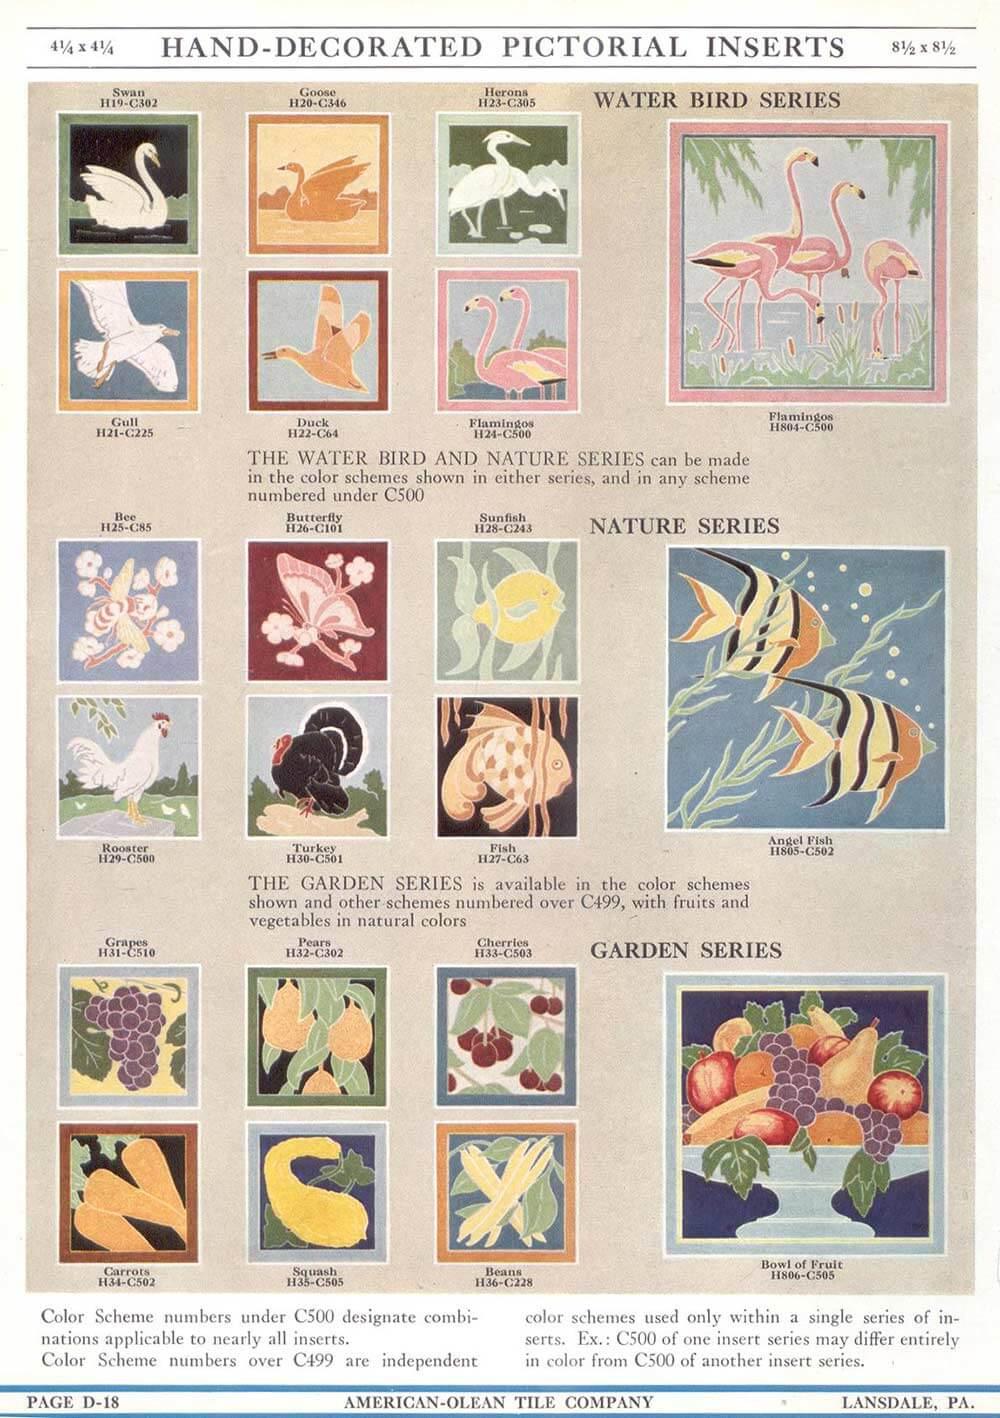 American-Olean-tiles-birds-nature-garden